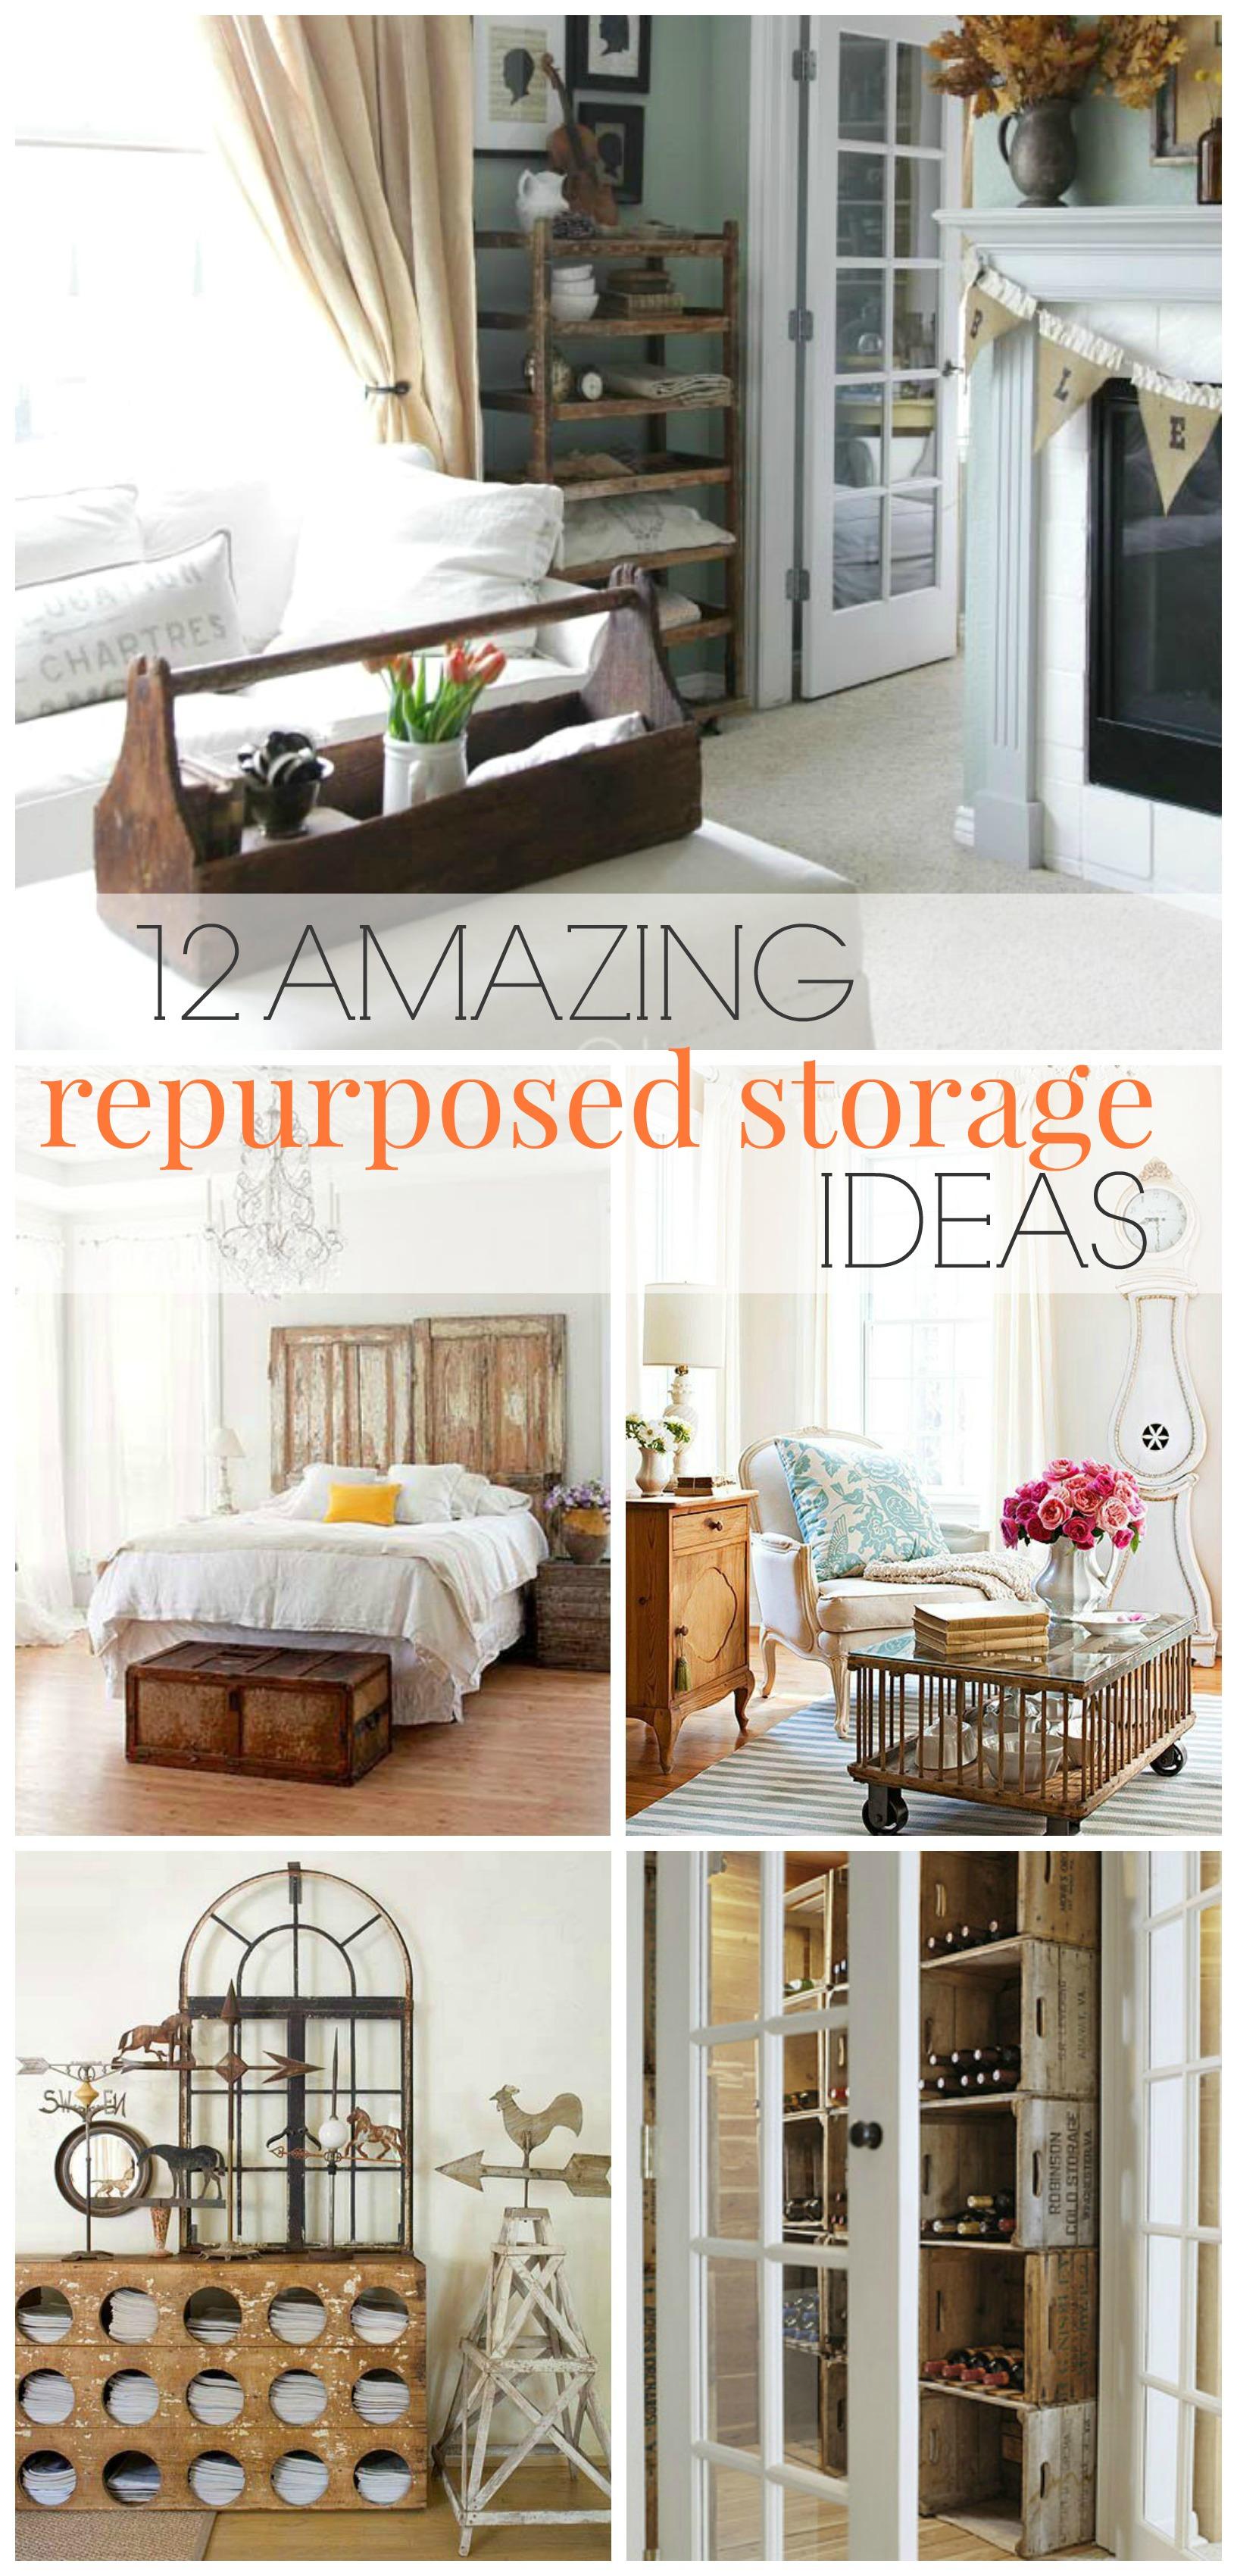 15 Repurposed Repurposed Storage Ideas